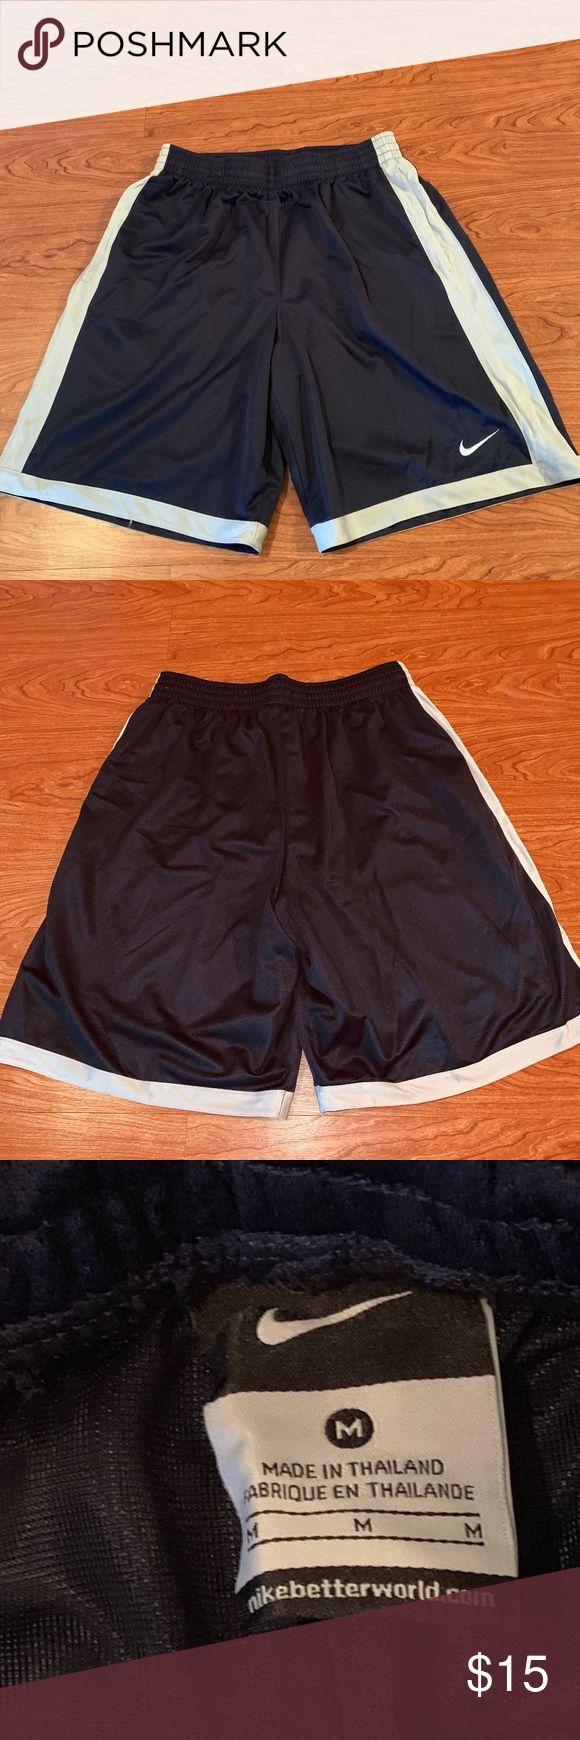 Mens NIKE Shorts Größe M Dunkelblau mit grauen Streifen an den Seiten hat Seitentaschen gehen …   – My Posh Picks